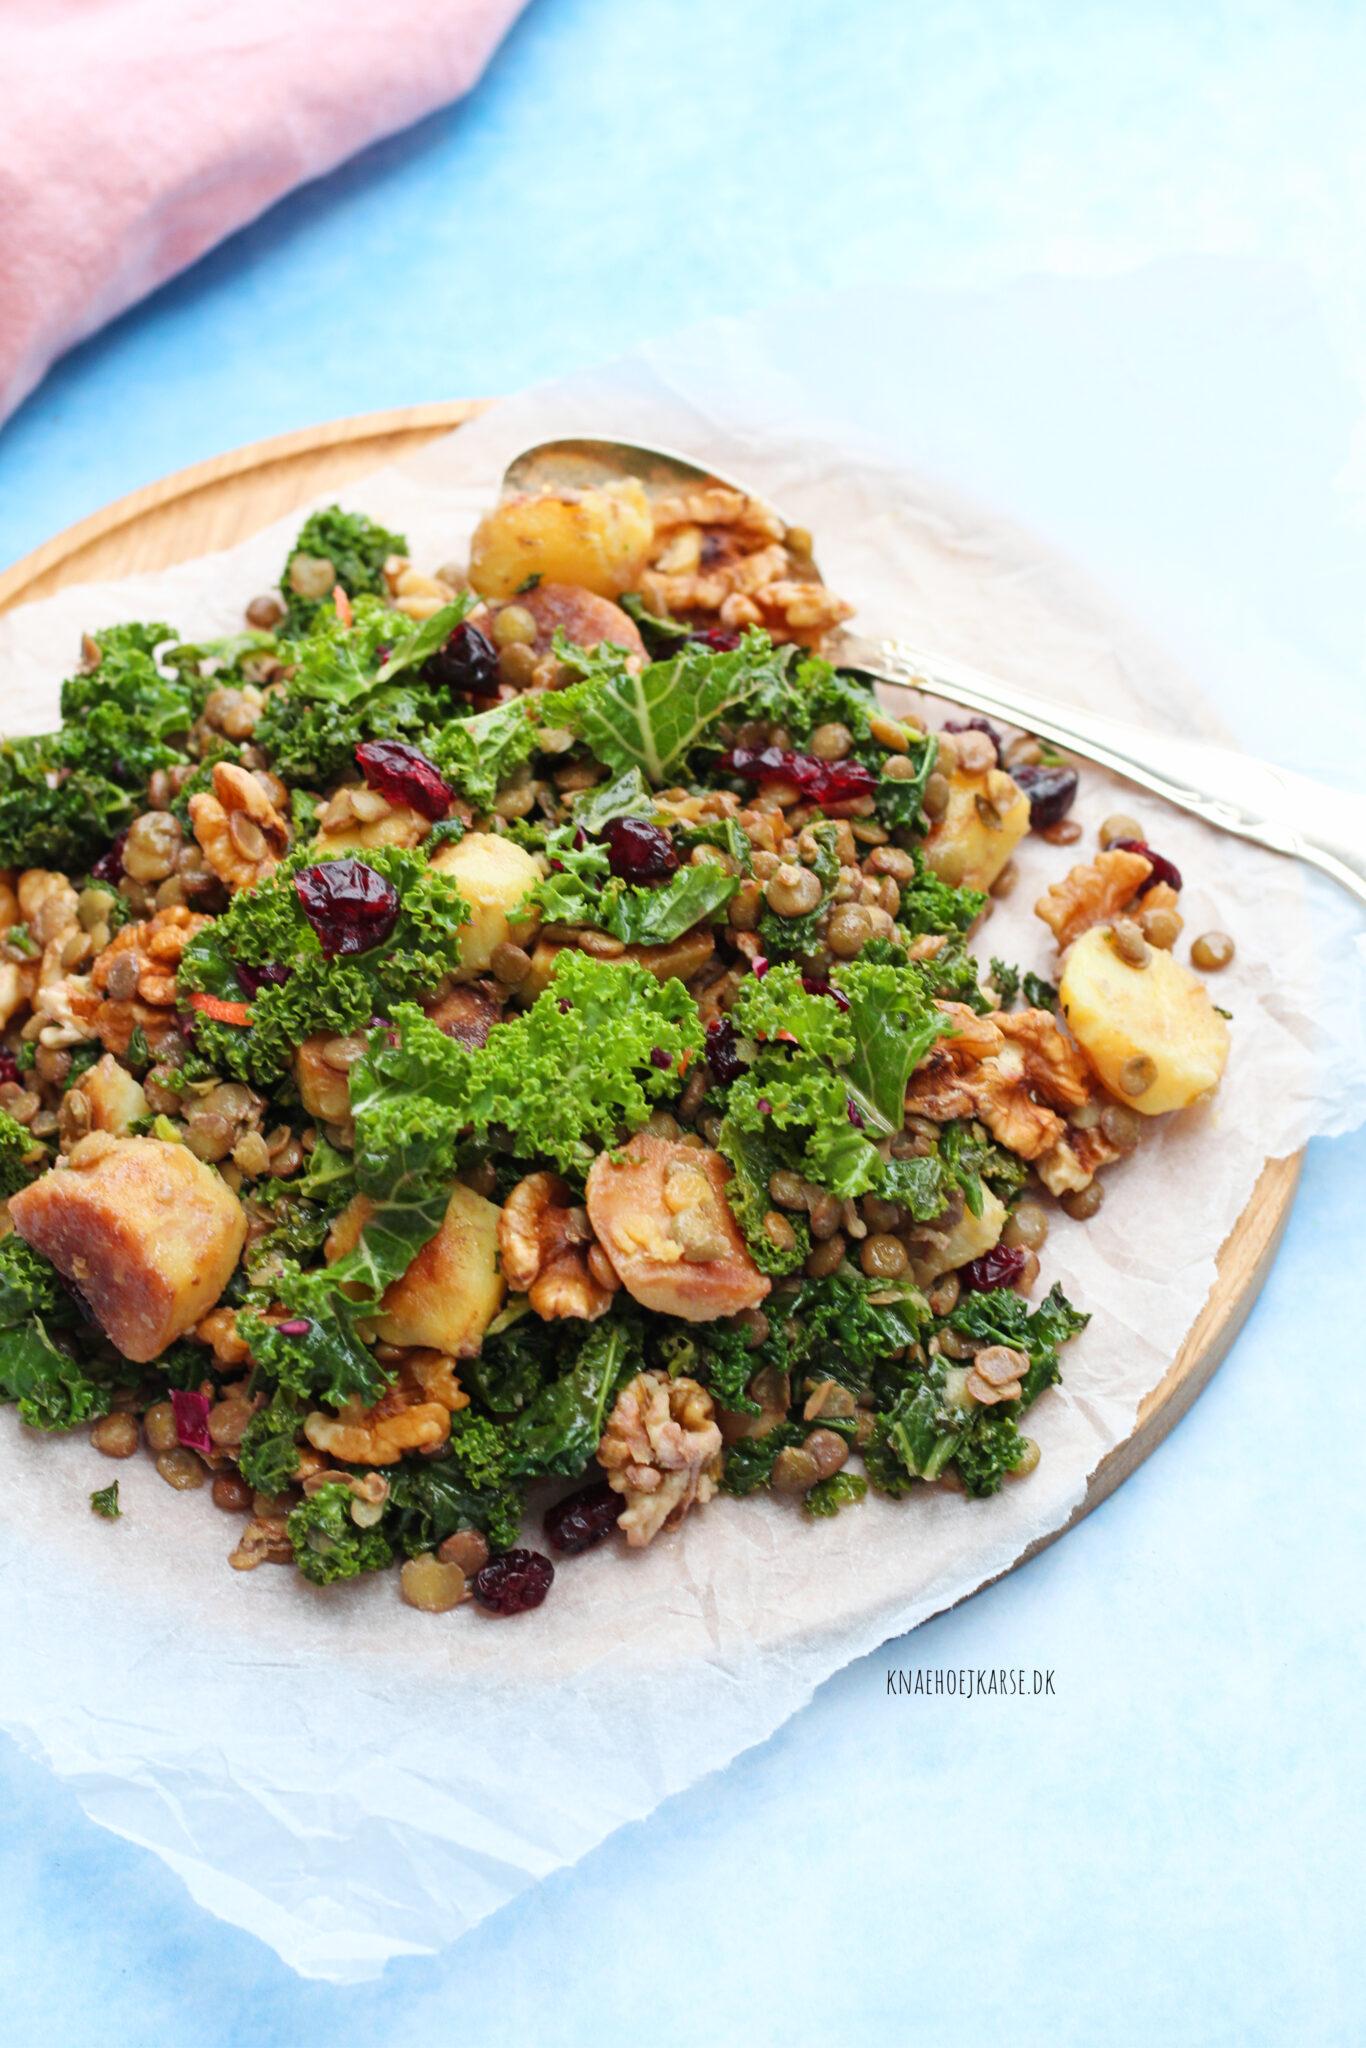 Lun linsesalat med stegte kartofler og grønkål